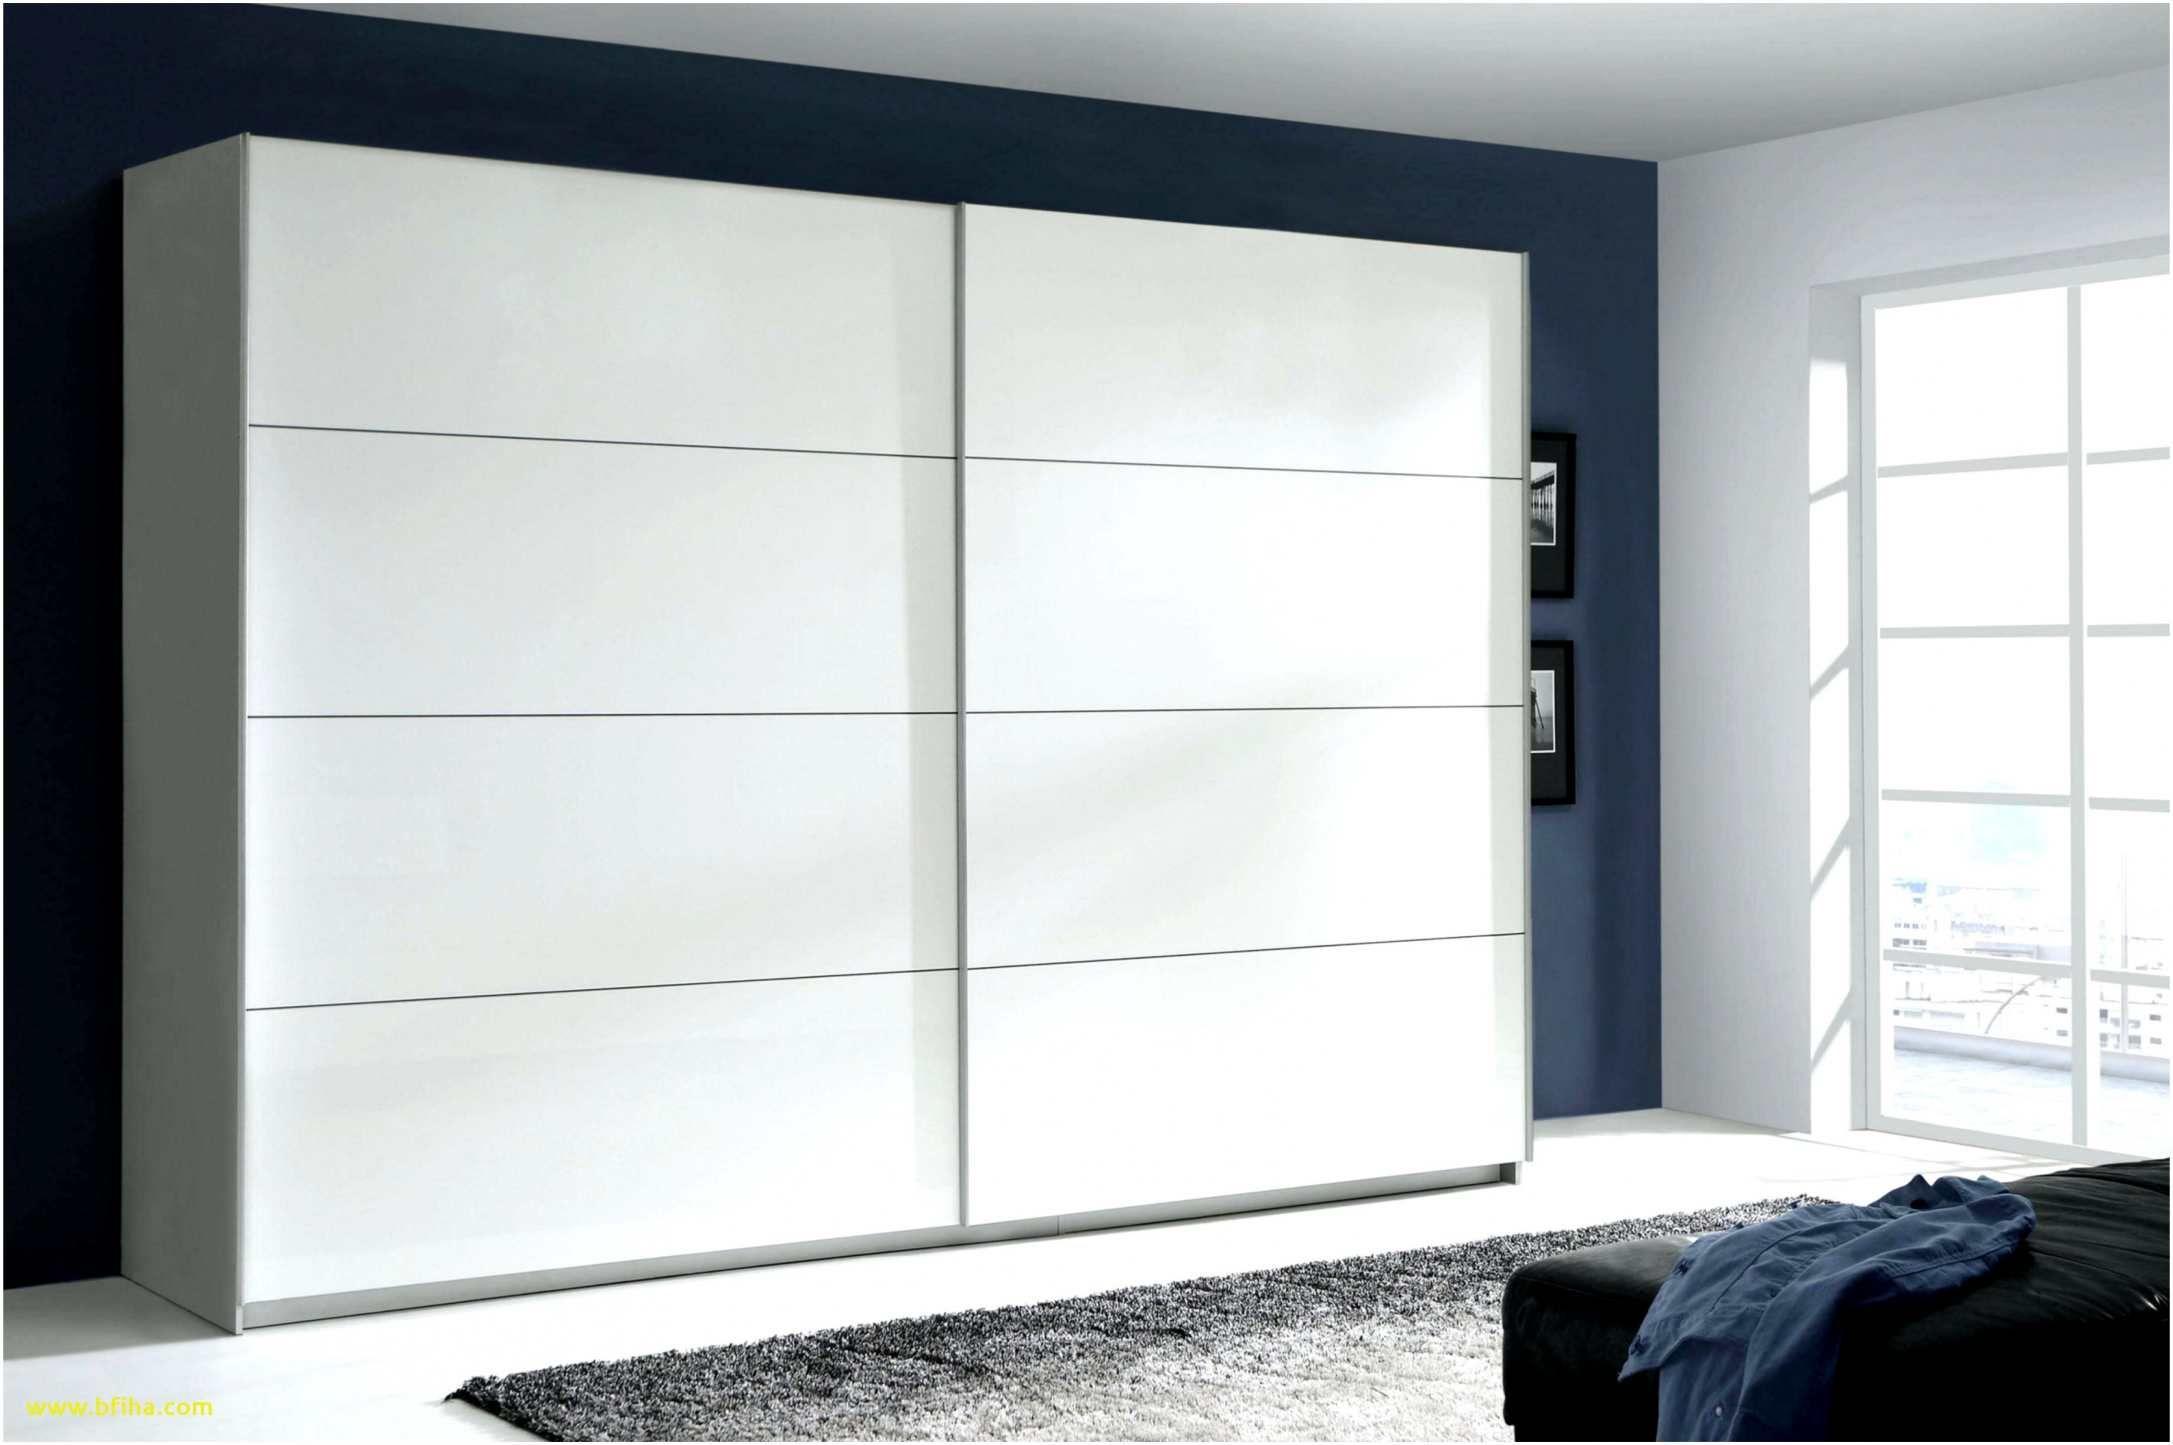 Beste Schrank Kinderzimmer Begehbarer Kleiderschrank Selber Bauen Schrank Konfigurieren Ikea Pax Schrank